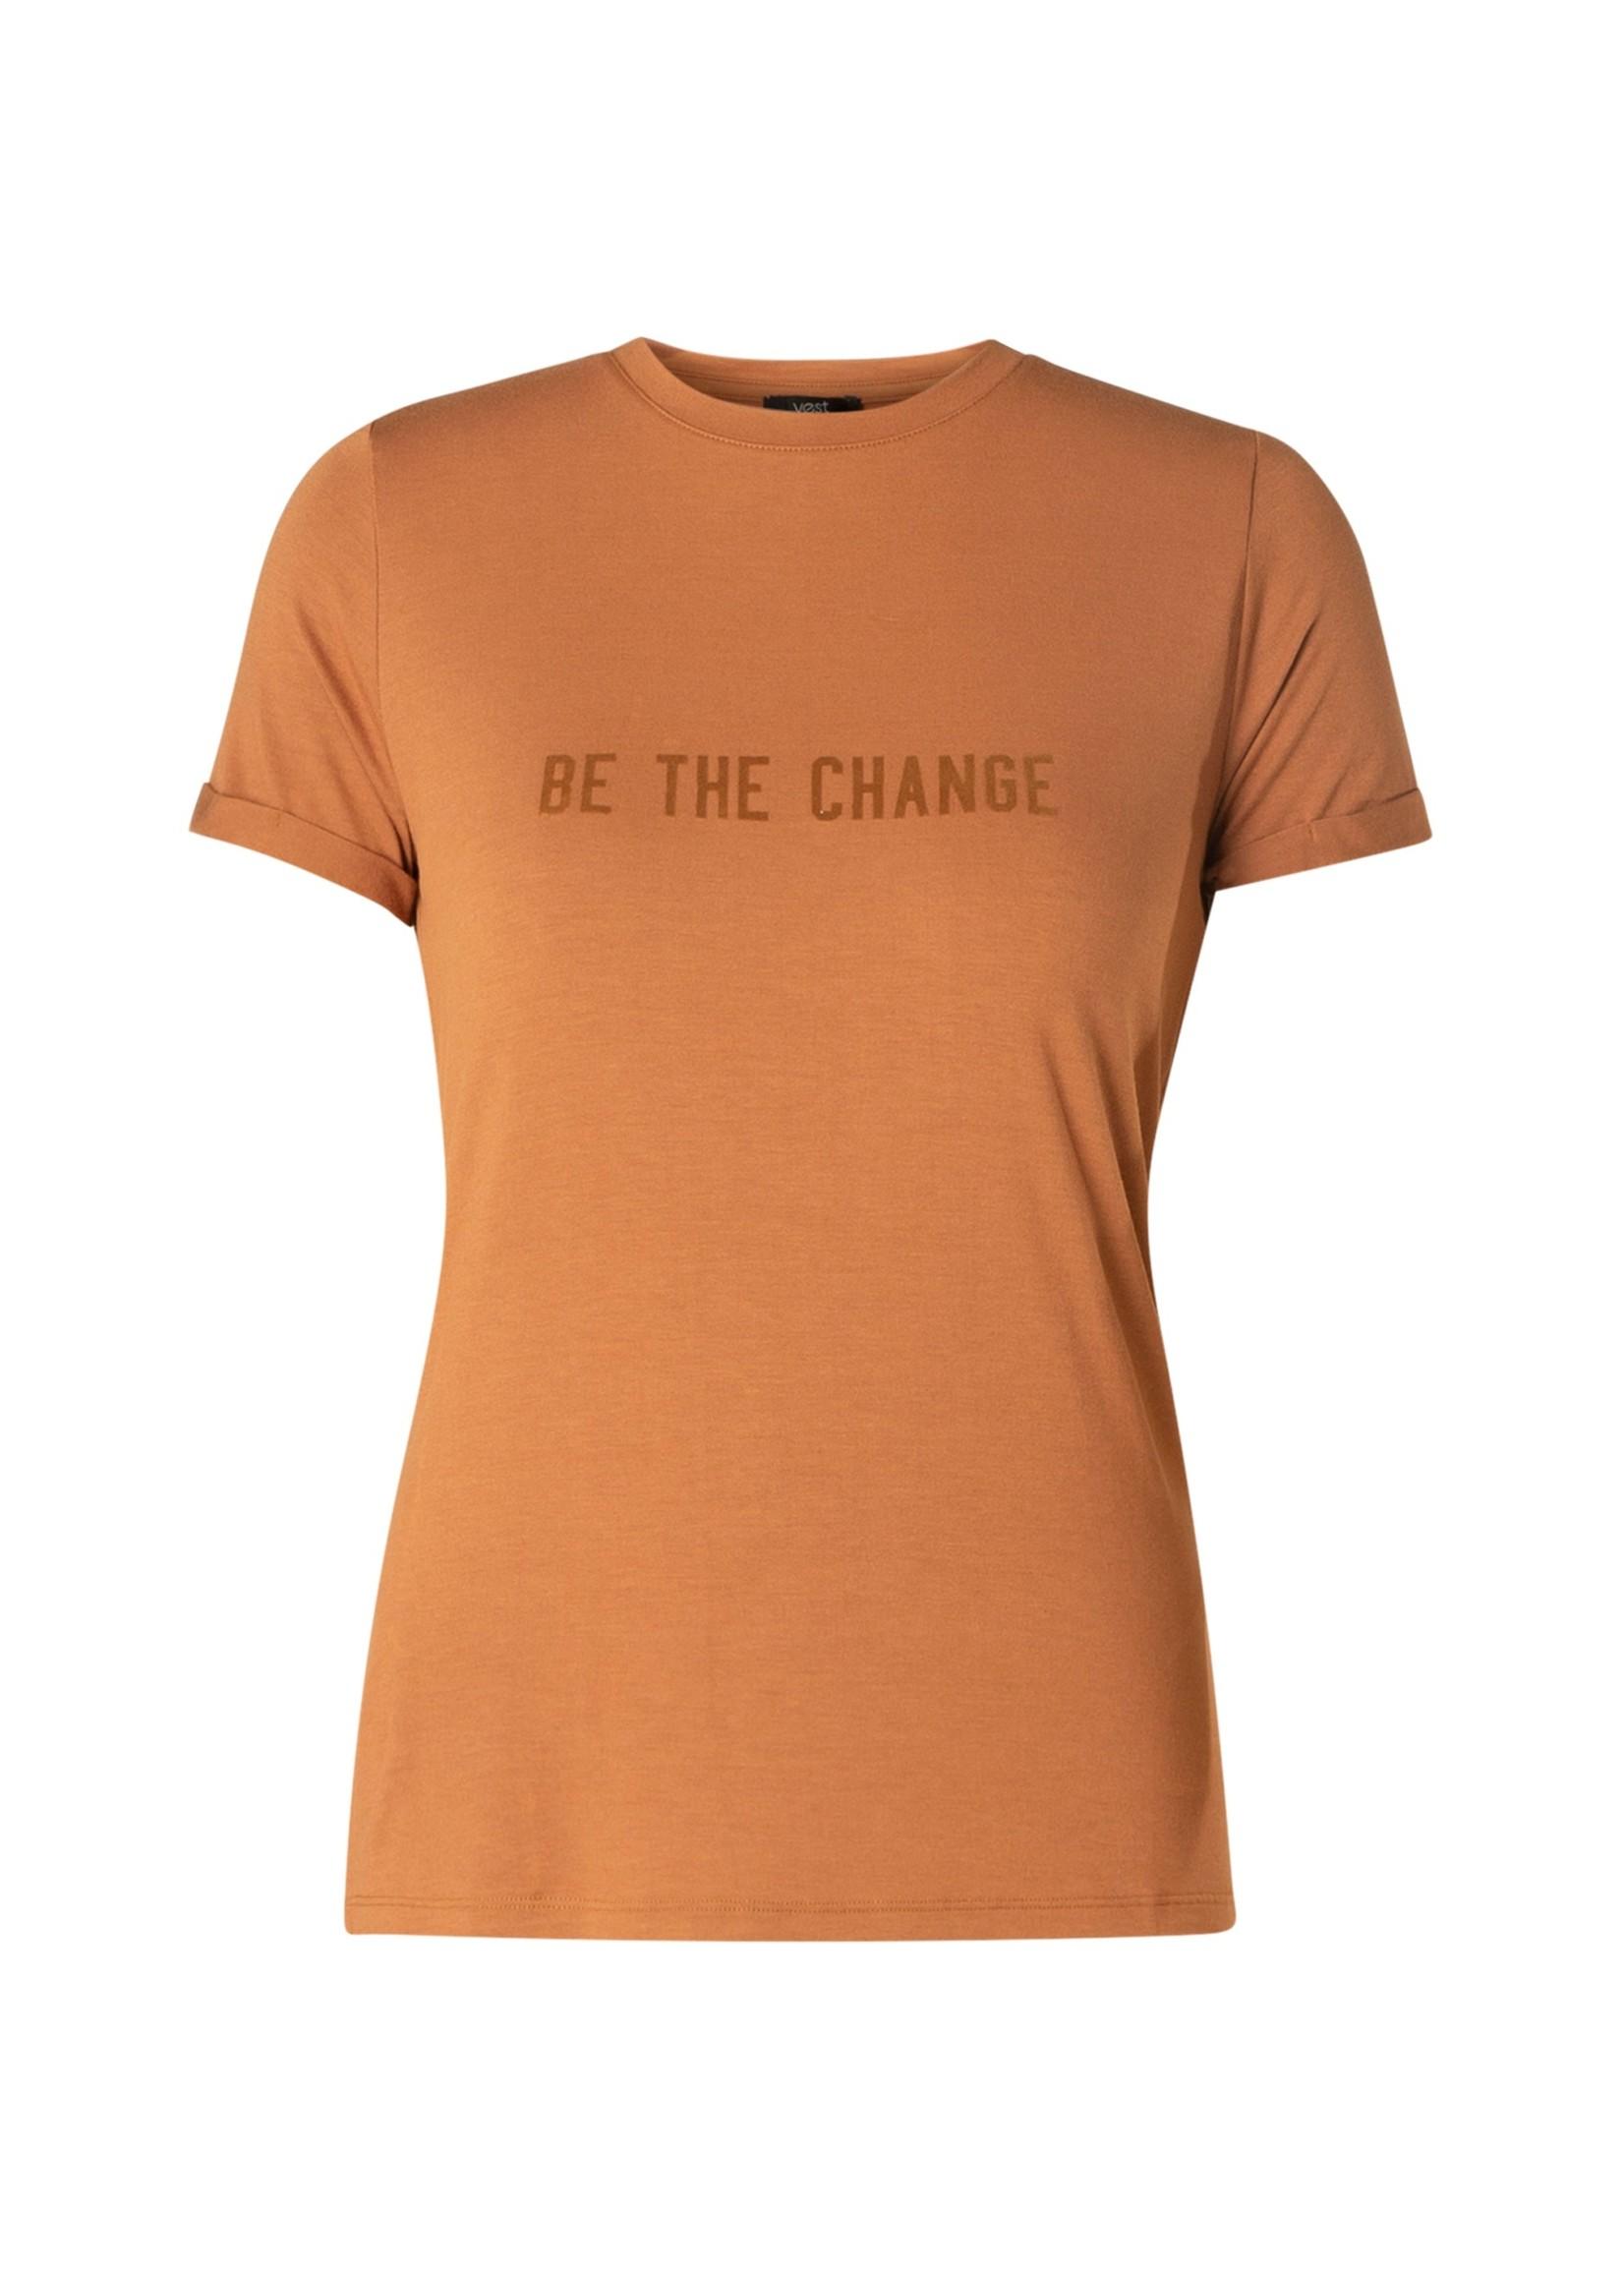 Yest Yest Yalba T-shirt Cashew